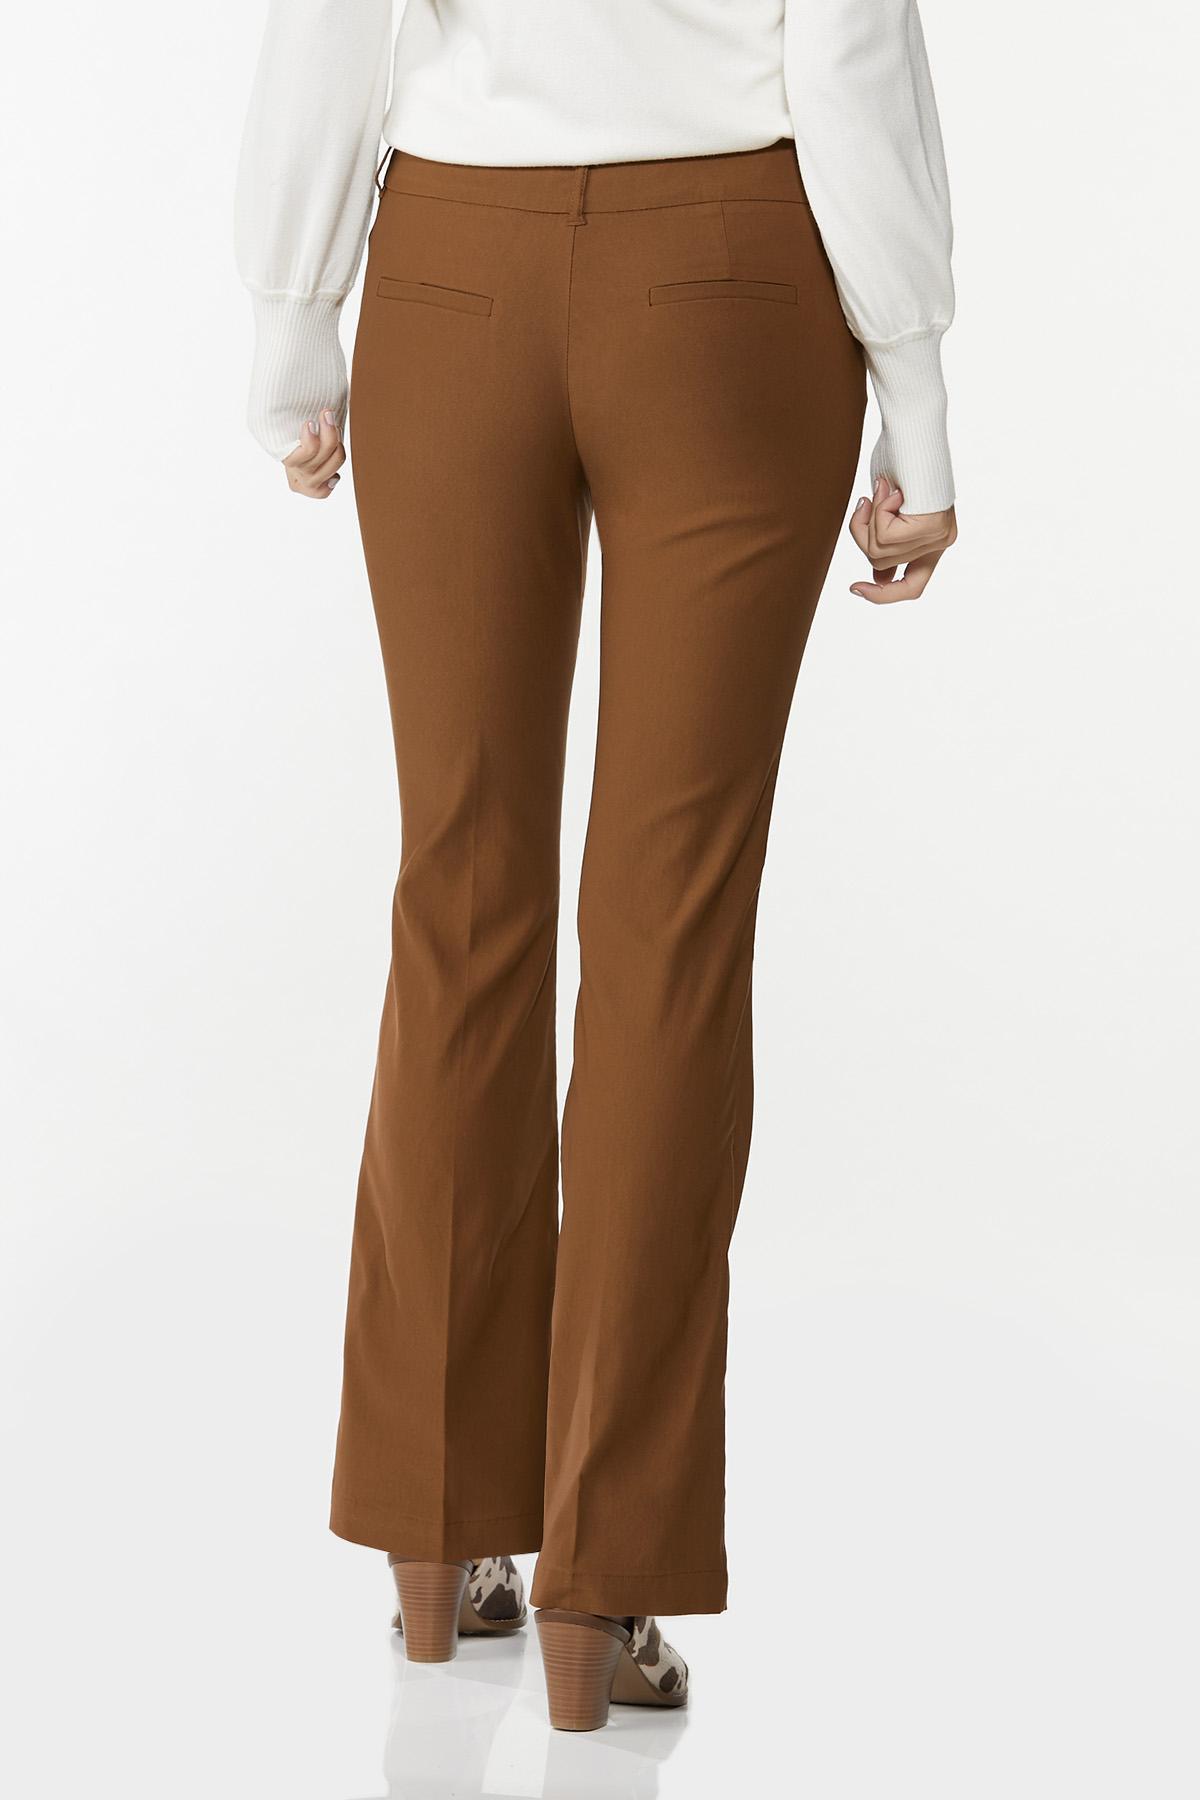 Bootcut Bengaline Pants (Item #44659449)